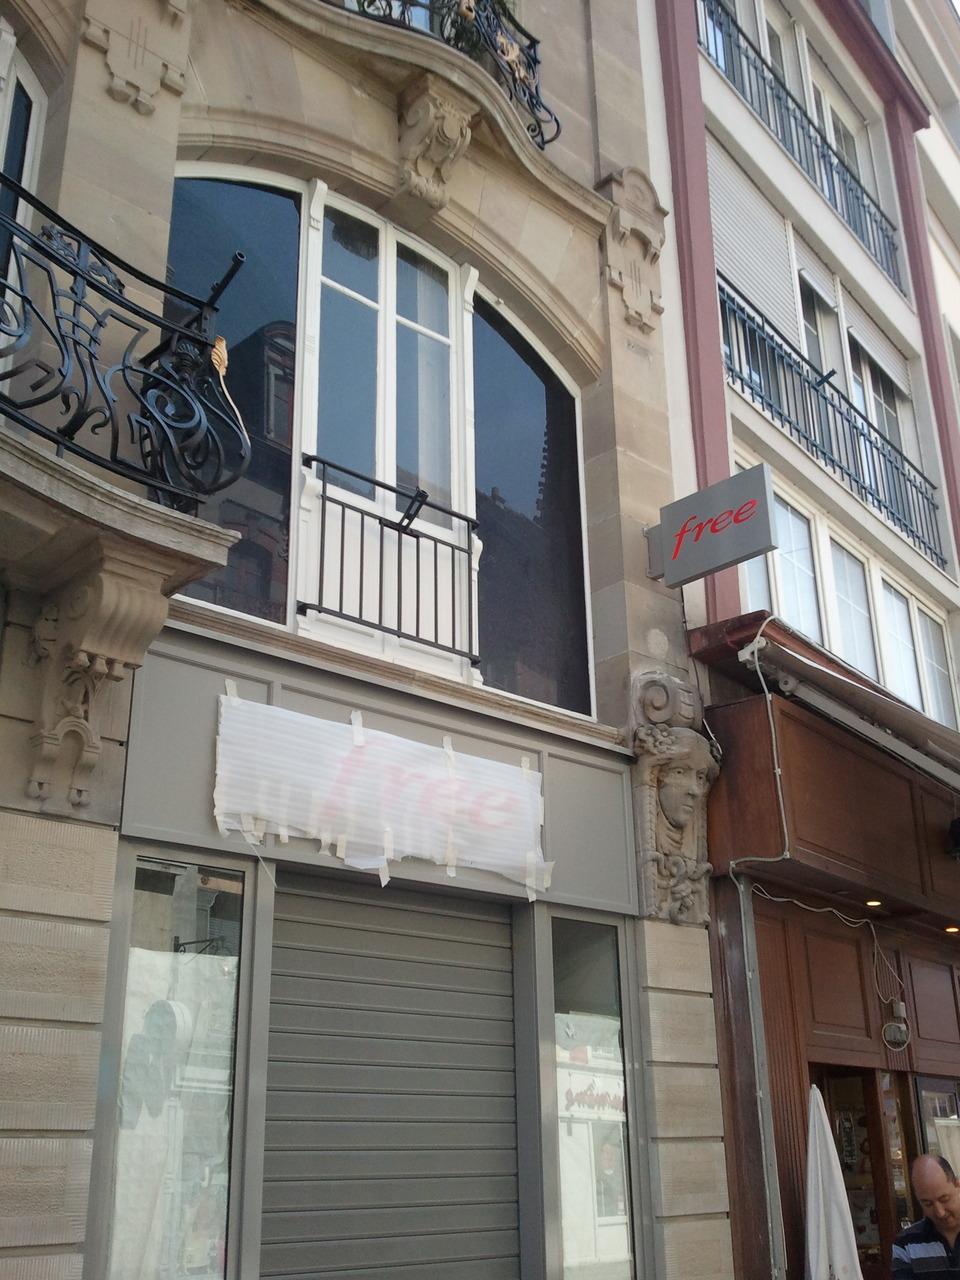 D couvrez le nouveau free center qui va ouvrir tr s - Boutique free mulhouse ...